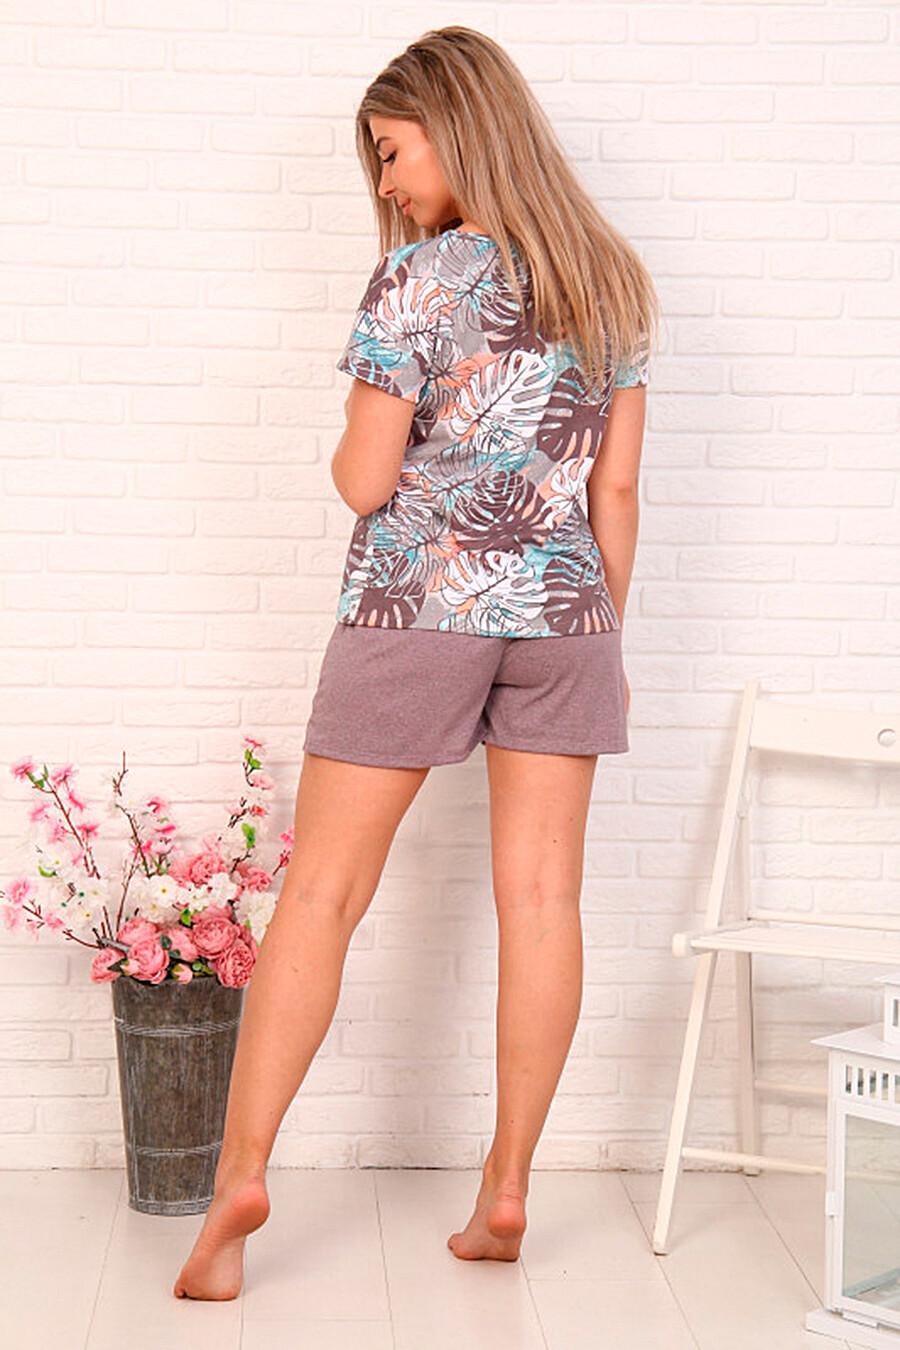 Костюм (Футболка + Шорты) для женщин SOFIYA37 668350 купить оптом от производителя. Совместная покупка женской одежды в OptMoyo